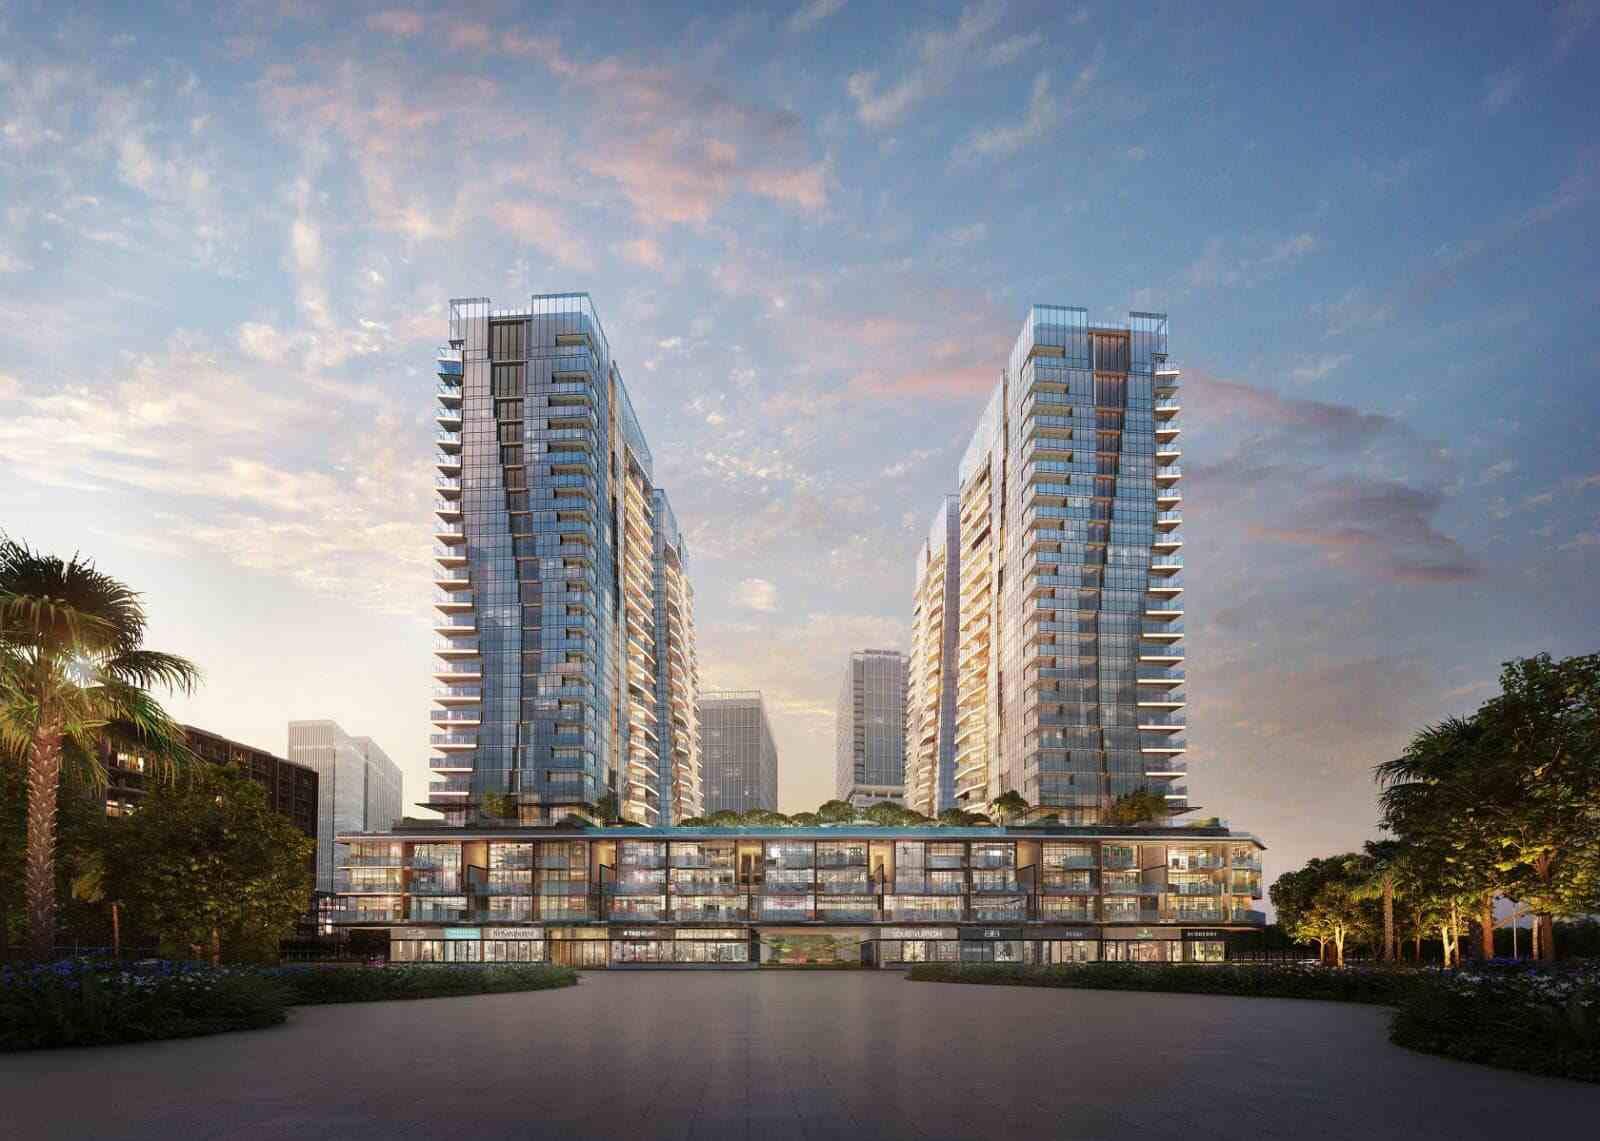 Ba dự án sắp mở bán có giá từ 8 tỉ đồng/căn hộ tại Quận 2, TP HCM - Ảnh 2.